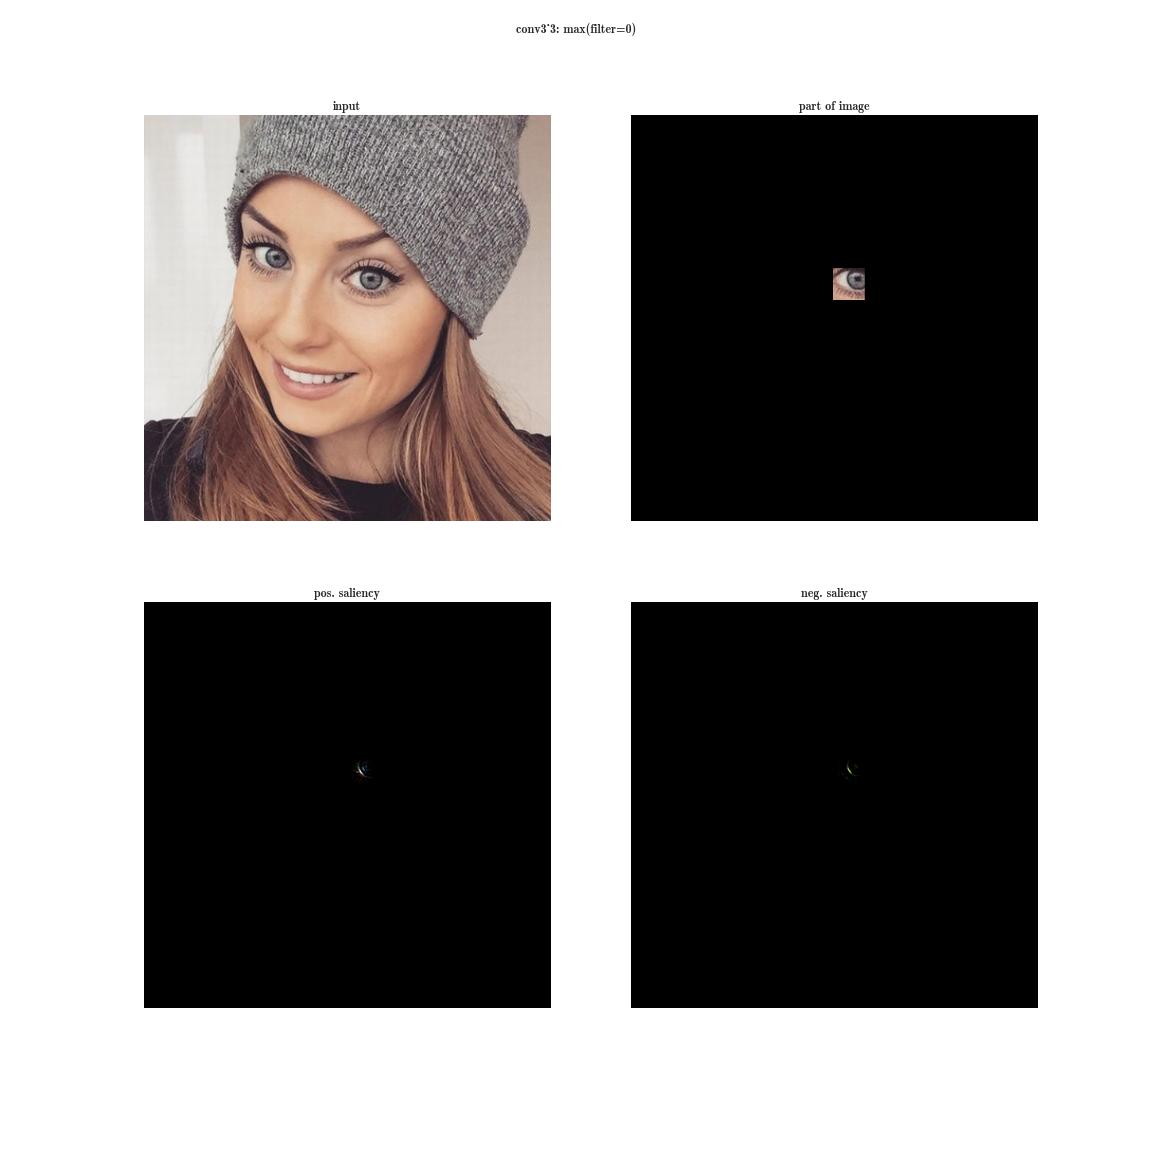 Стилизация изображений с помощью нейронных сетей: никакой мистики, просто матан - 18